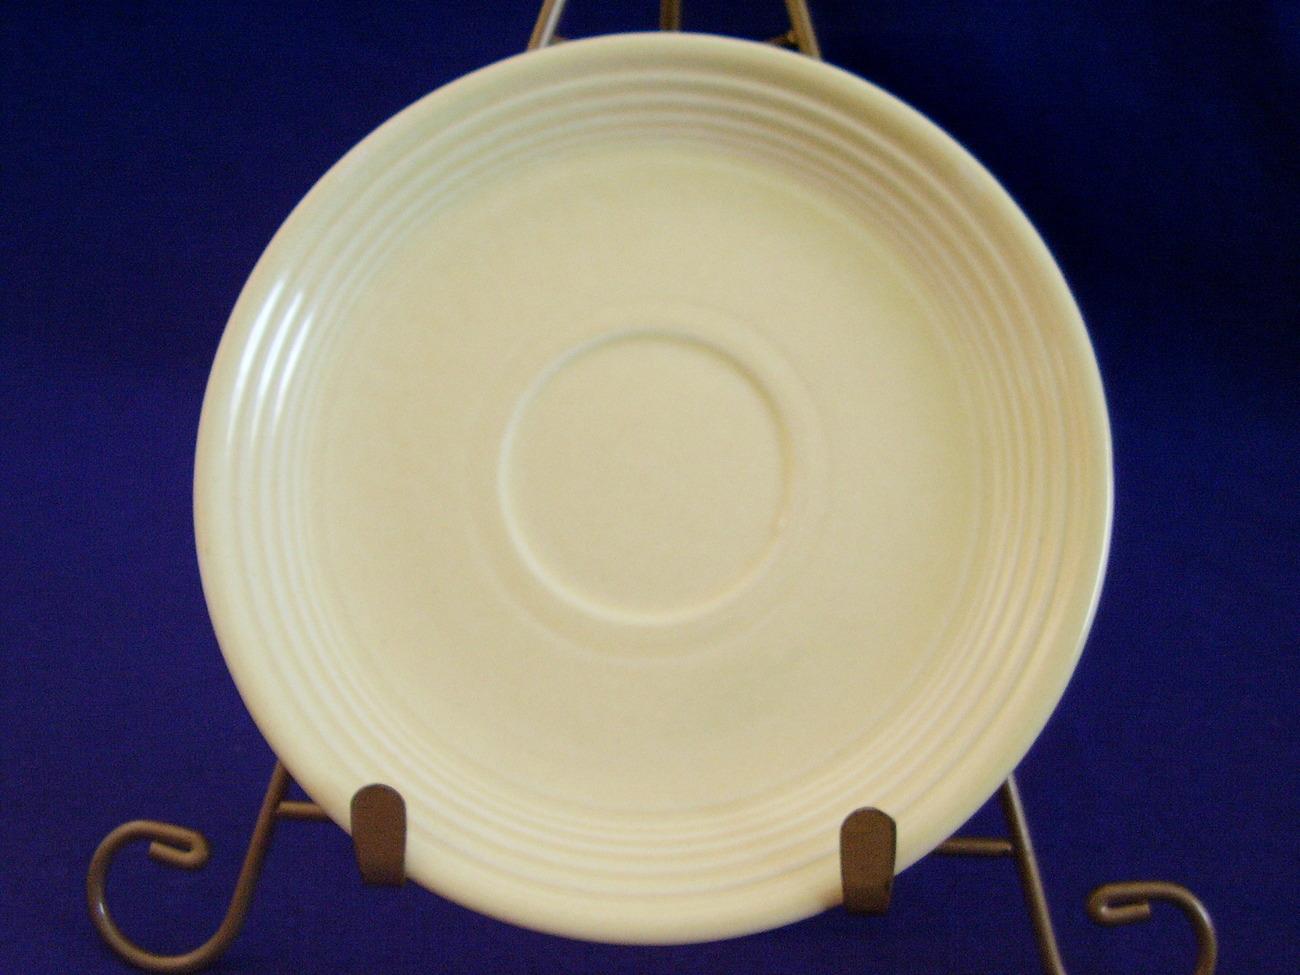 Vintage Fiestaware Ivory Teacup Saucer Fiesta  A